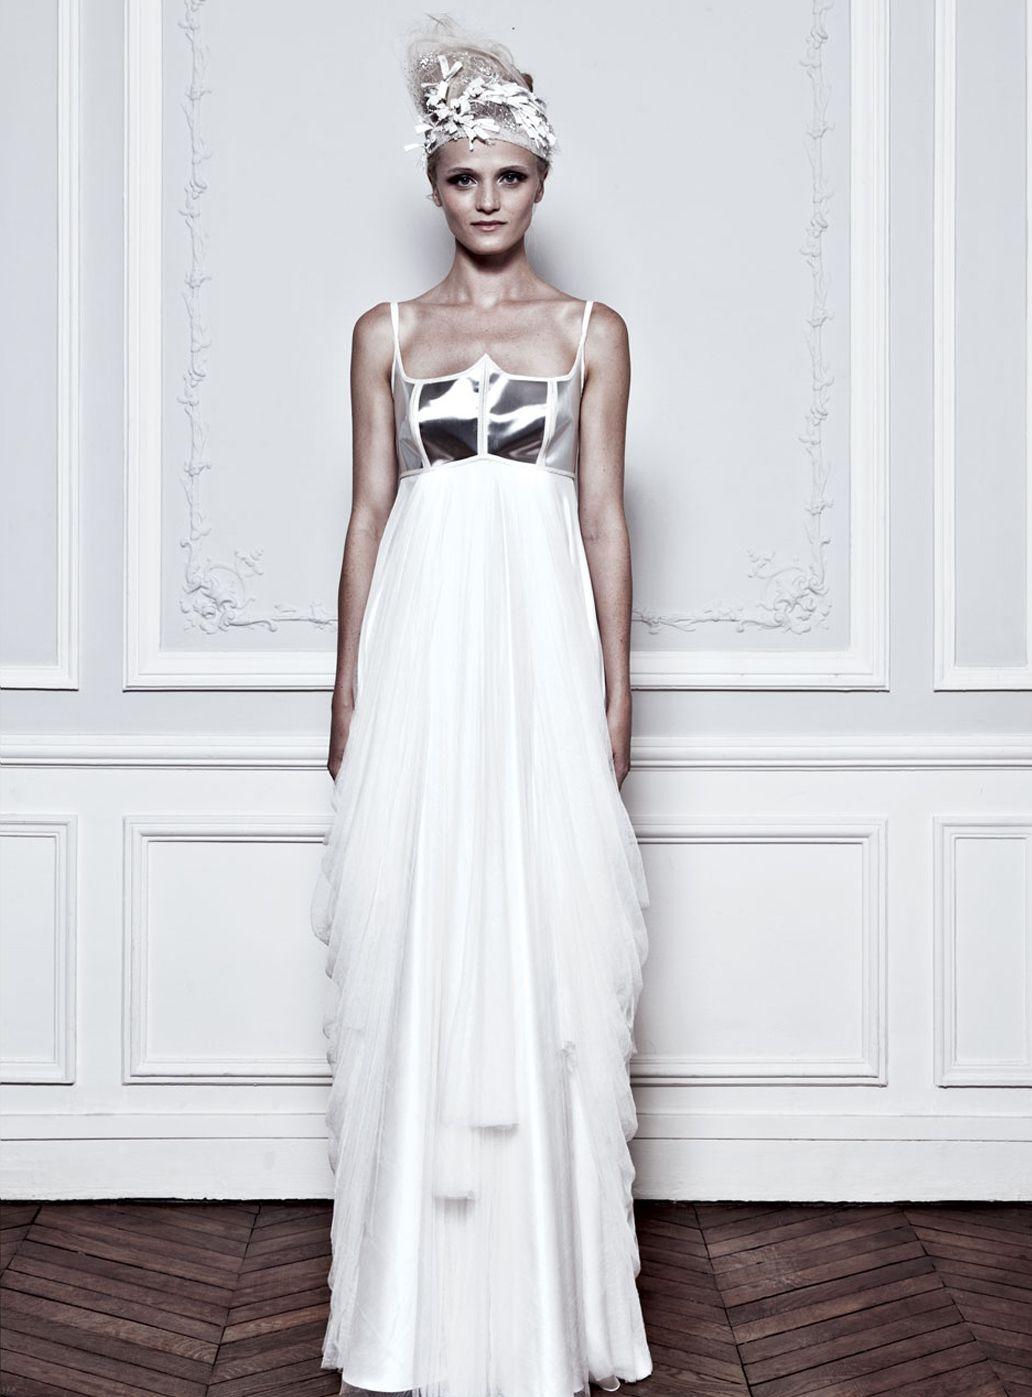 Oscar carvallo whitecream dresses pinterest clothes and fashion